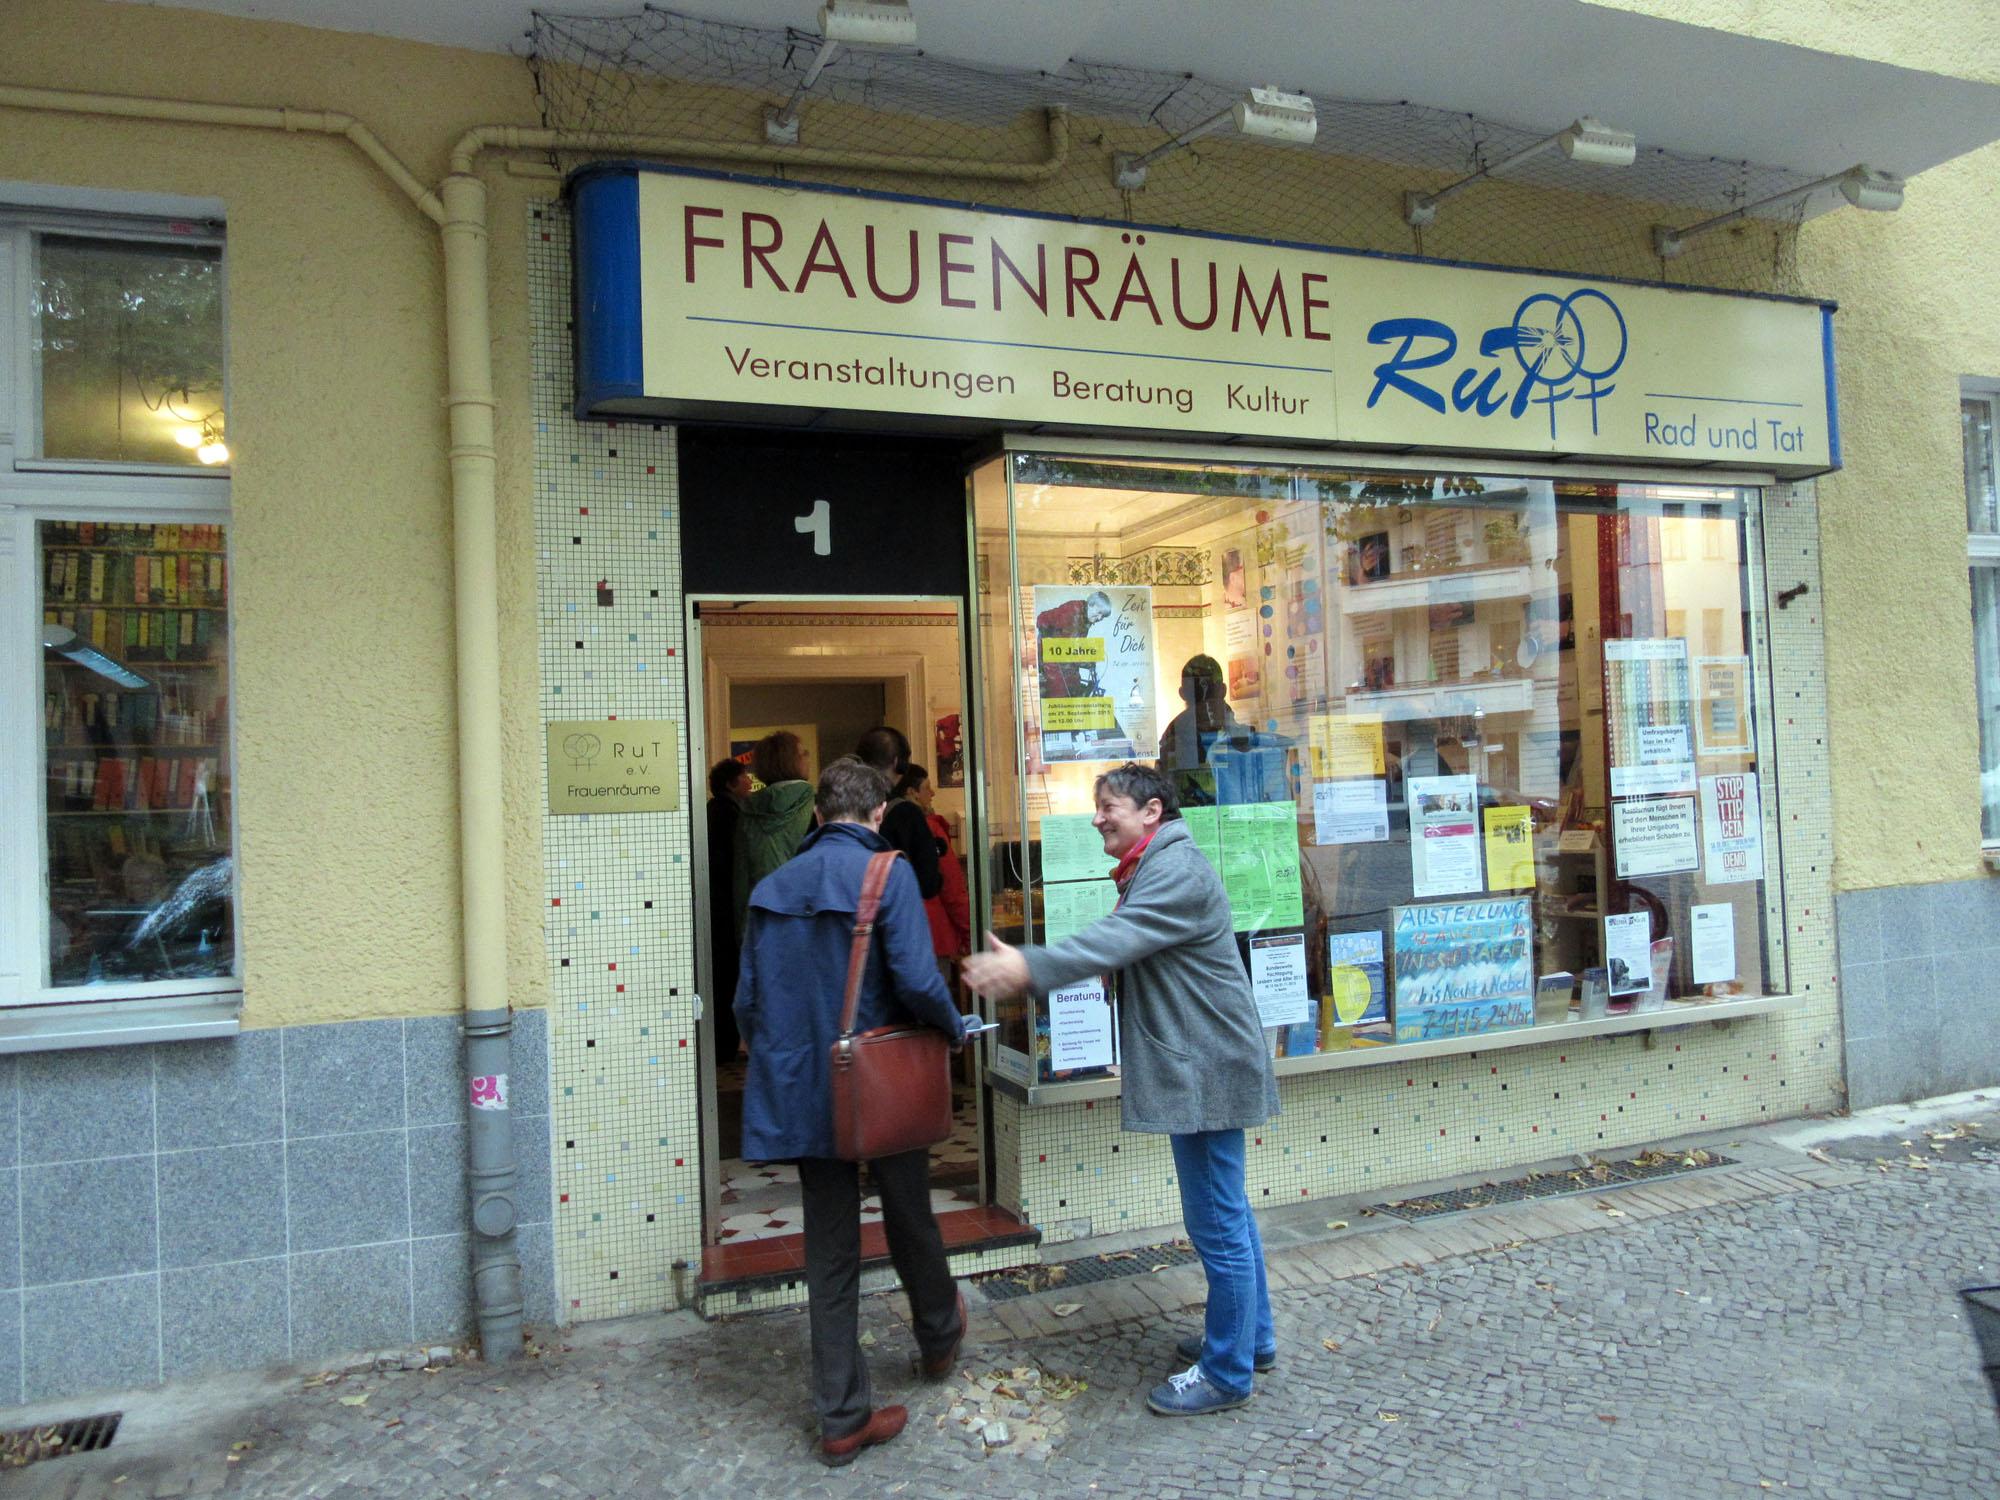 """Die Initiative """"Rad und Tat"""" gibt es schon seit 25 Jahren im Schillerkiez. (Bild: Sophia Strauchmann)"""